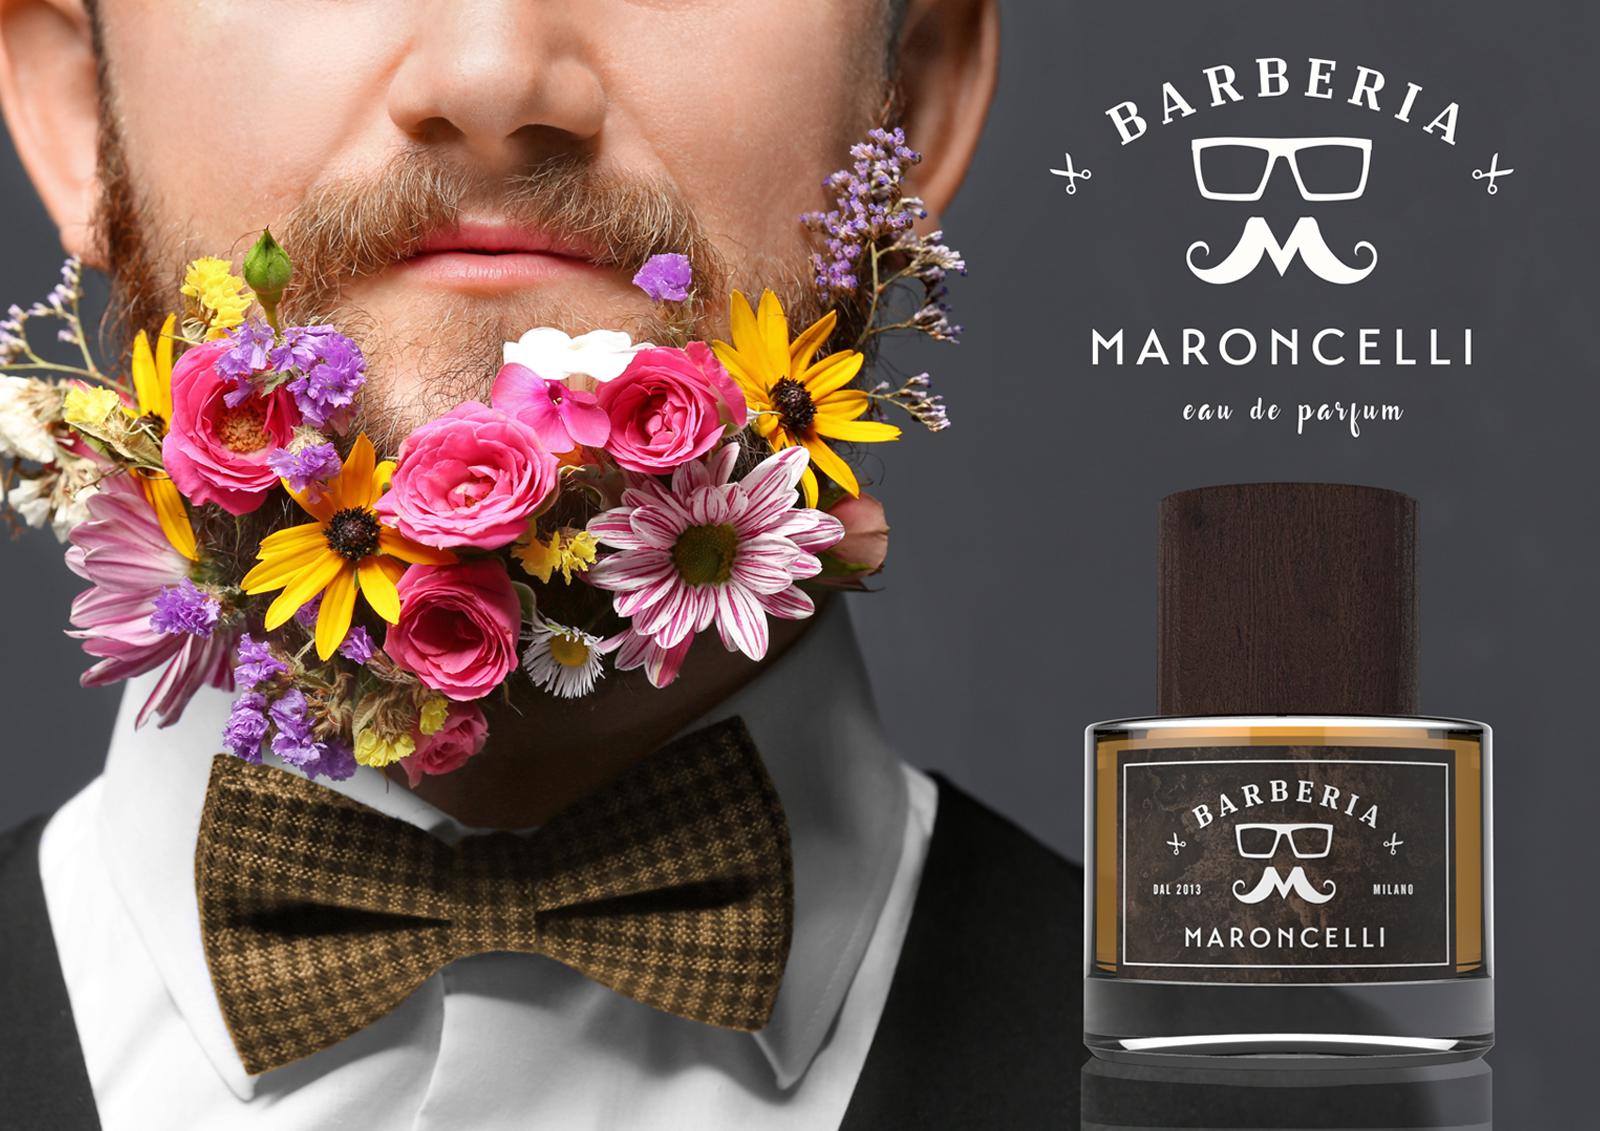 maroncelli barberia 01